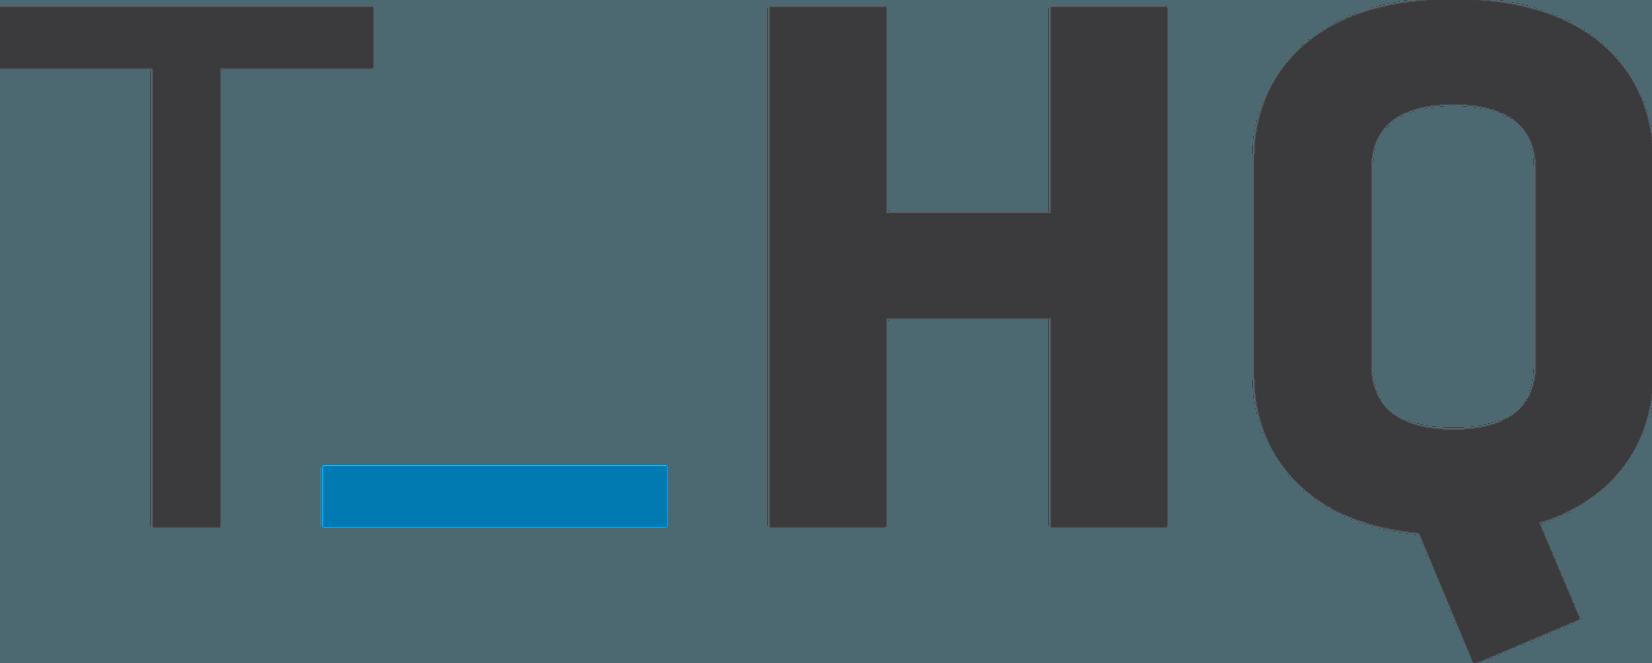 tech hq logo